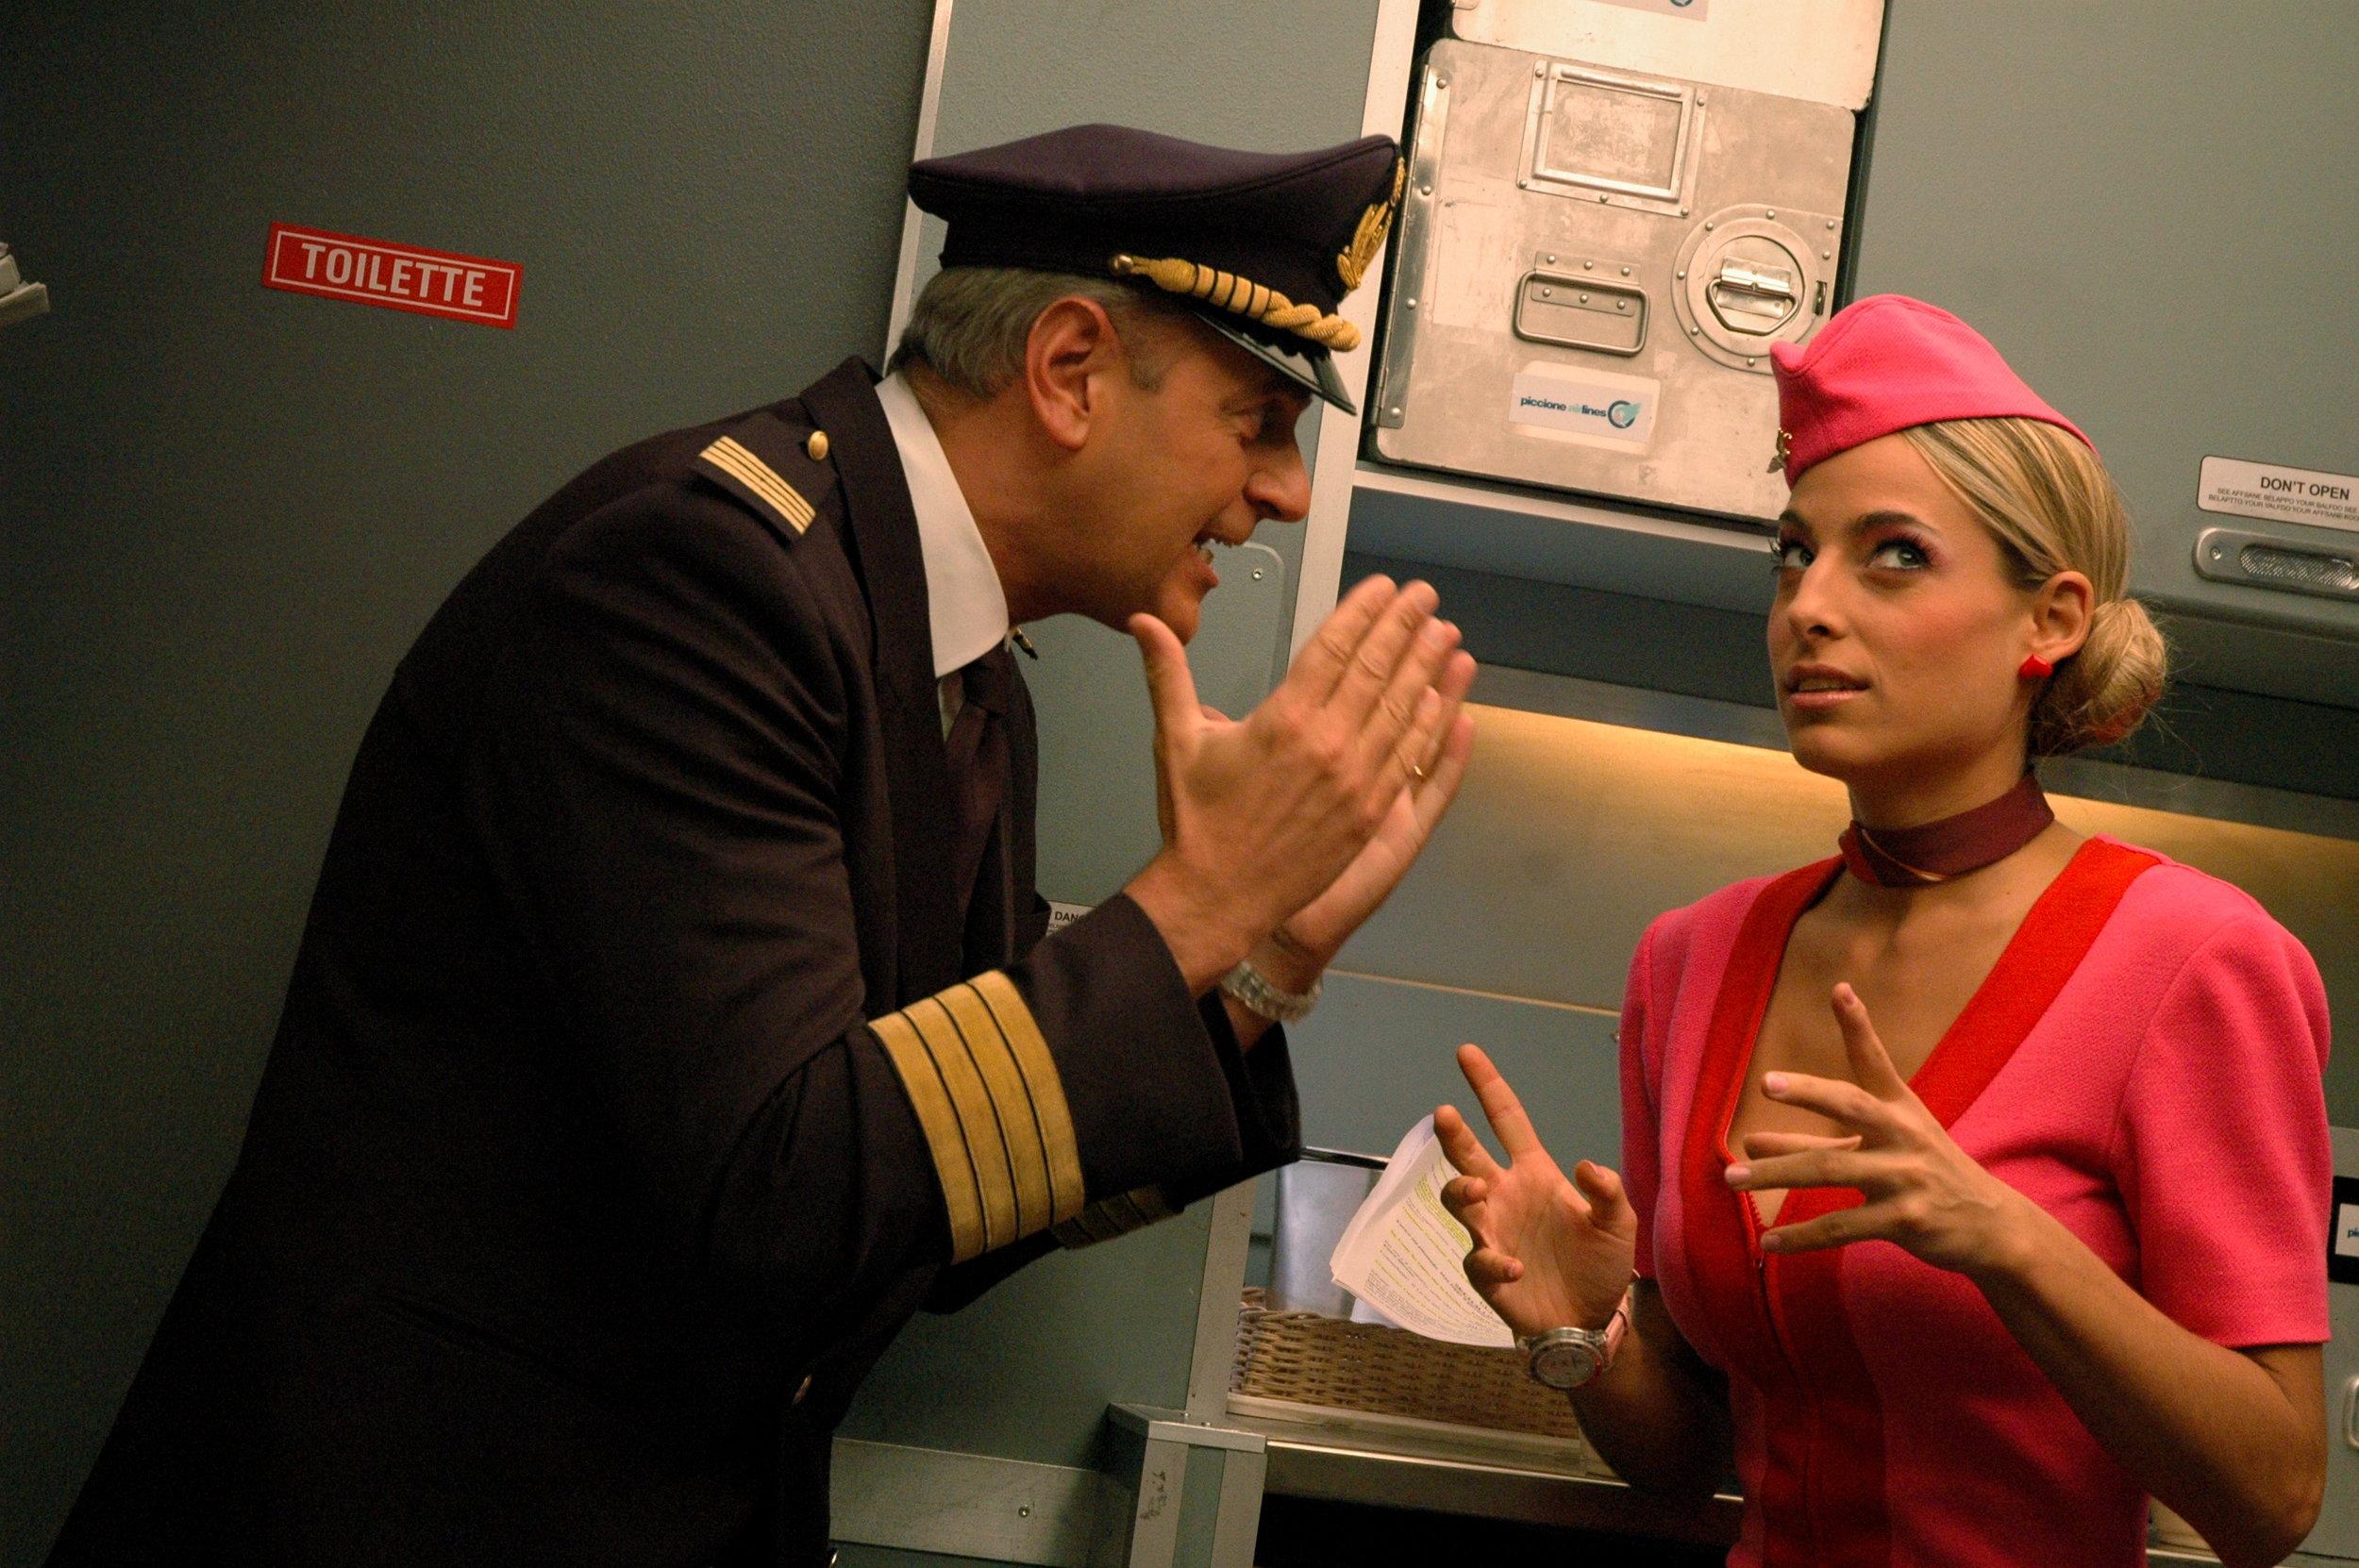 Jessica e Enrico Bertolino in una scena tratta dalla sitcom Piloti per la RAI